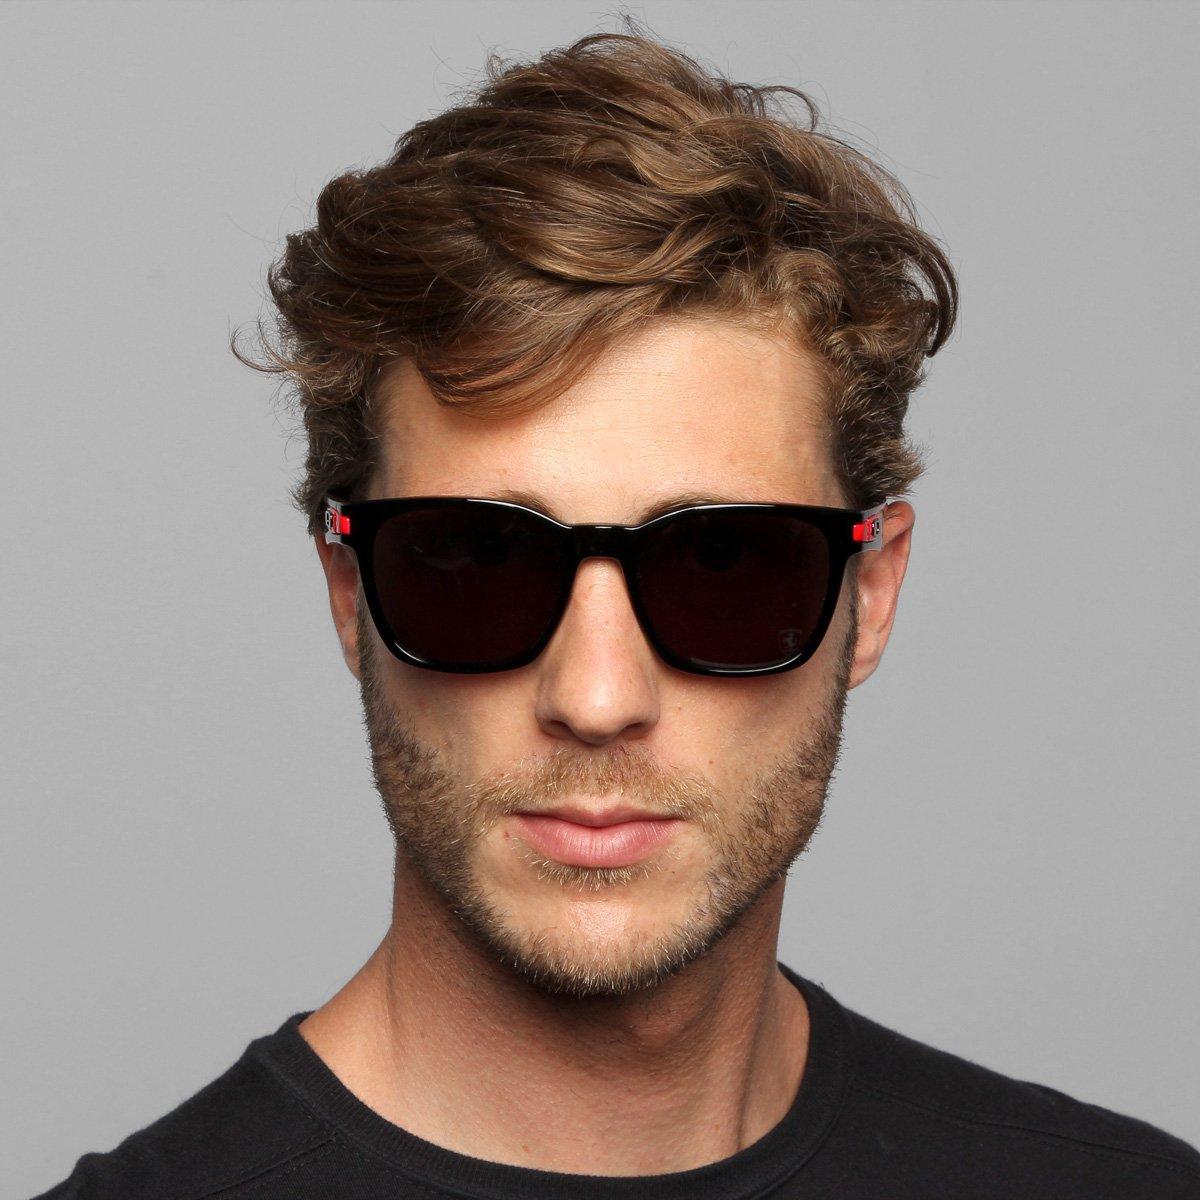 Óculos Oakley Ferrari Garage Rock - Compre Agora   Netshoes 94c69286b2